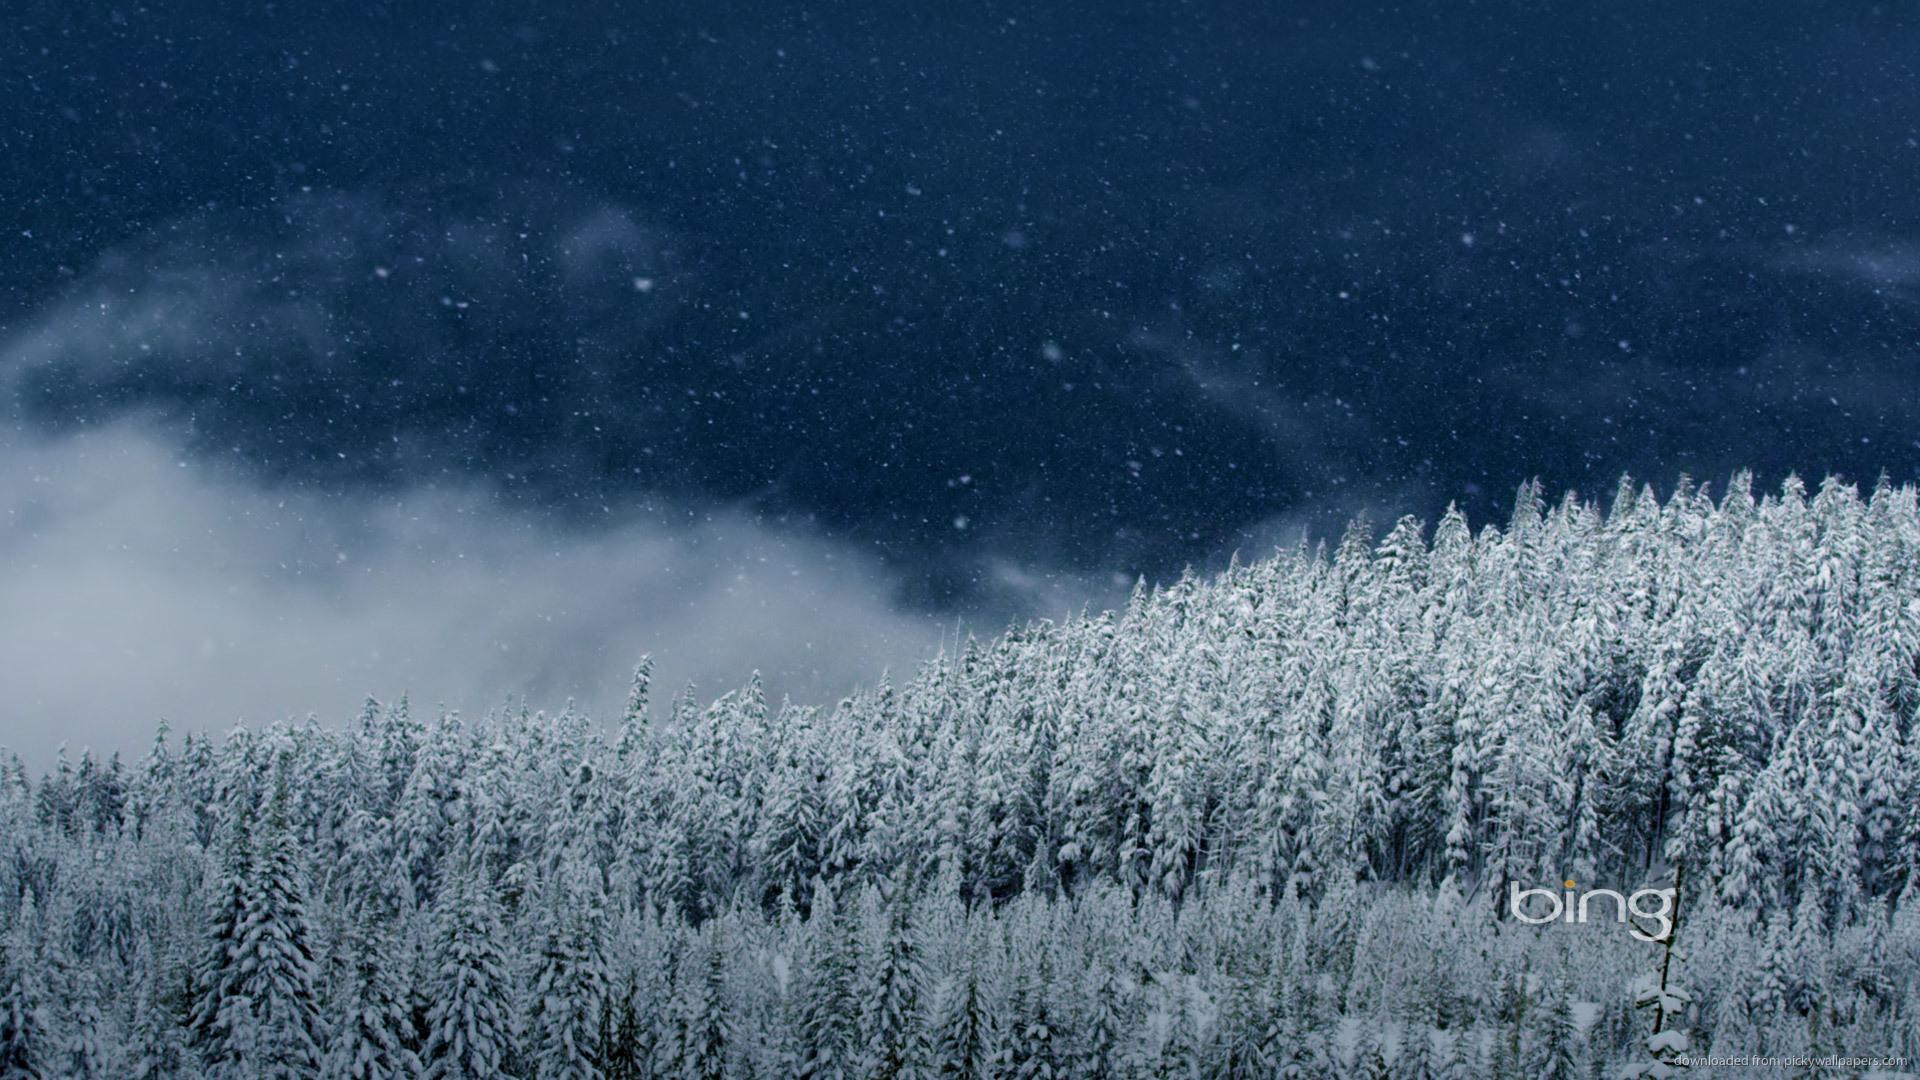 1920x1080 Bing Wallpaper Winter Wallpapersafari